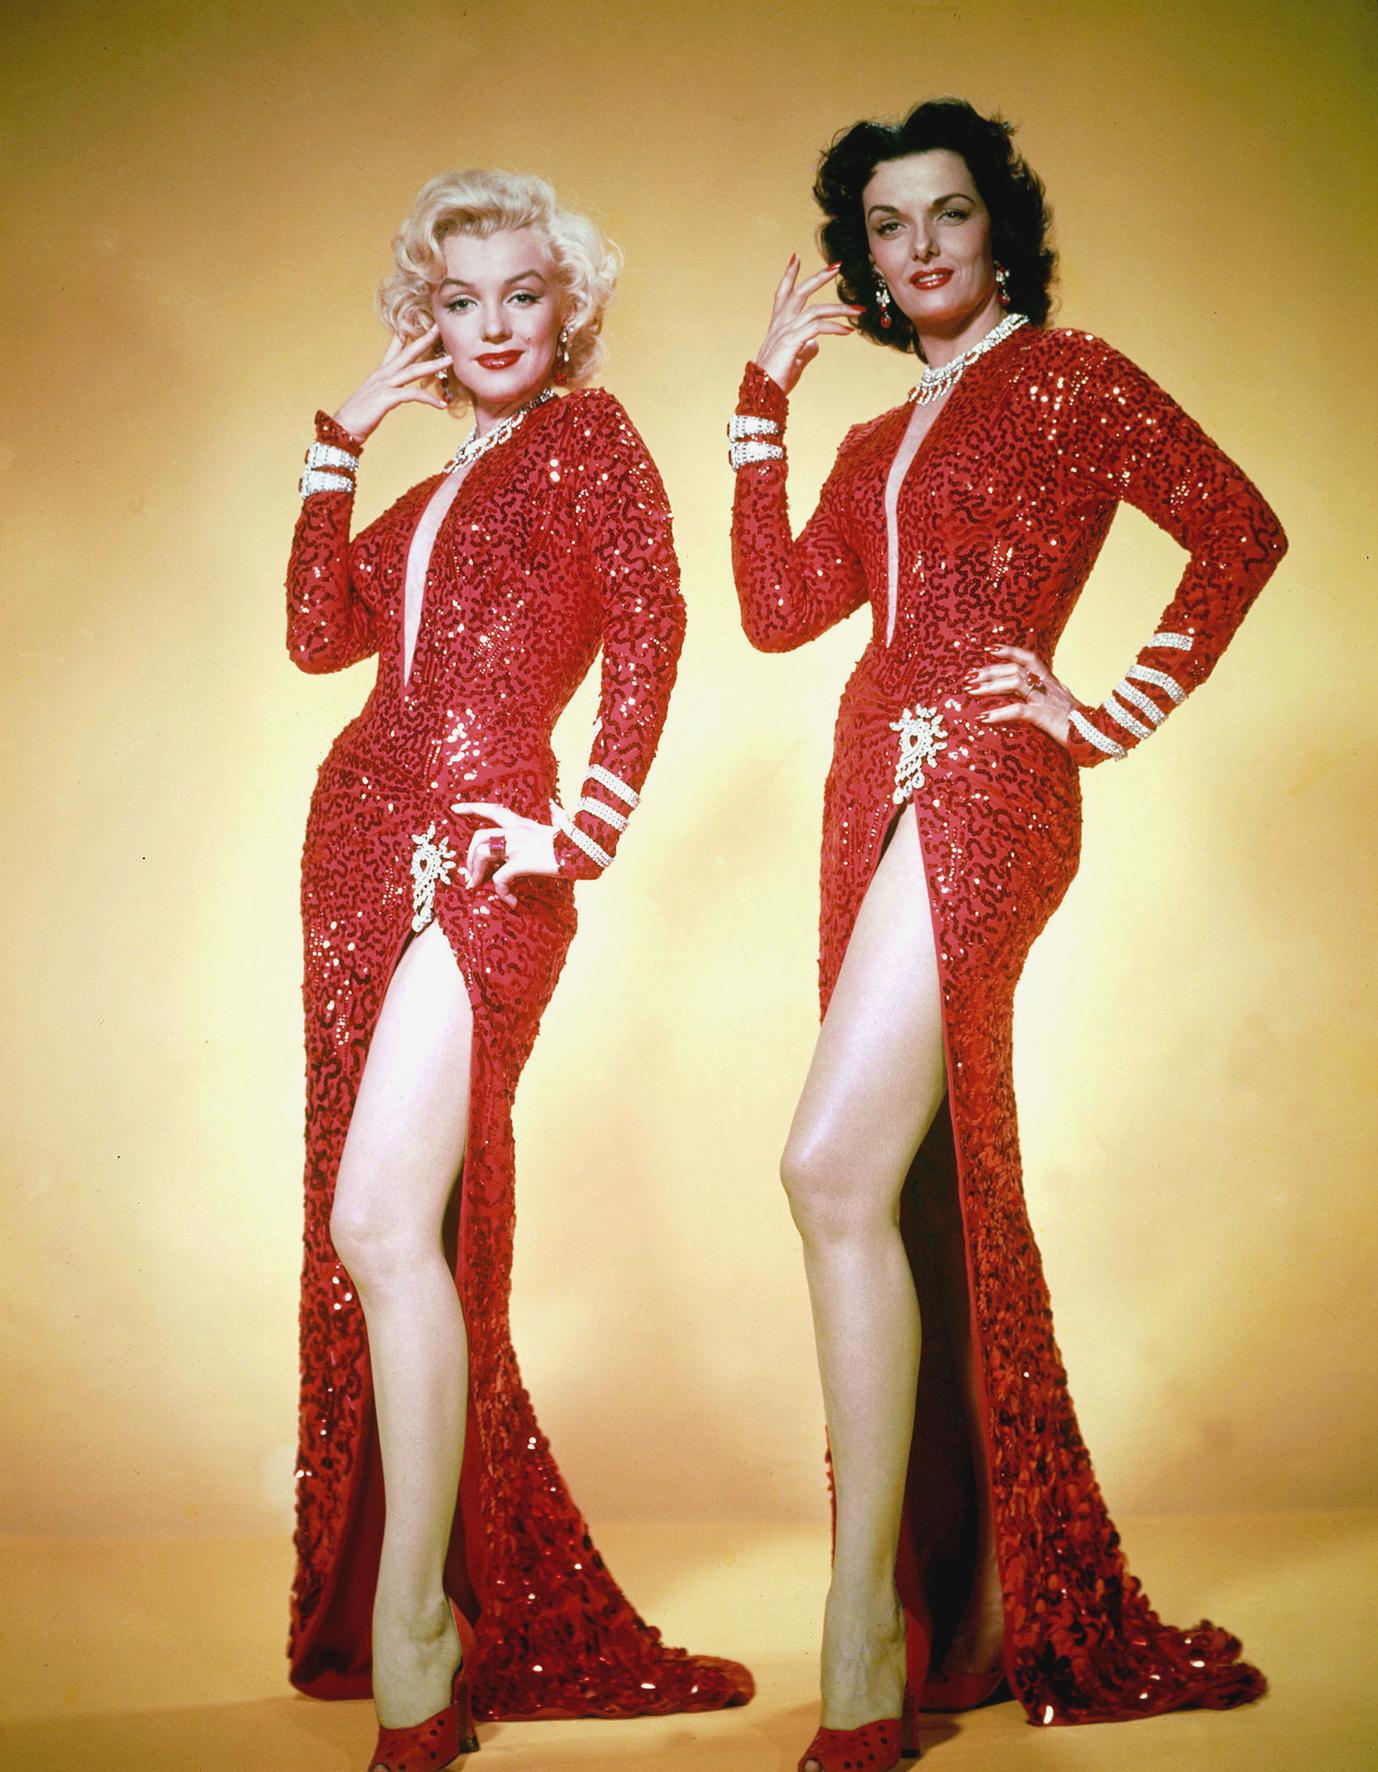 Marilyn Monroe et Jane Russell dans Les hommes préfèrent les blondes de Howard Hawks © Twentieth Century Fox Film Corporation